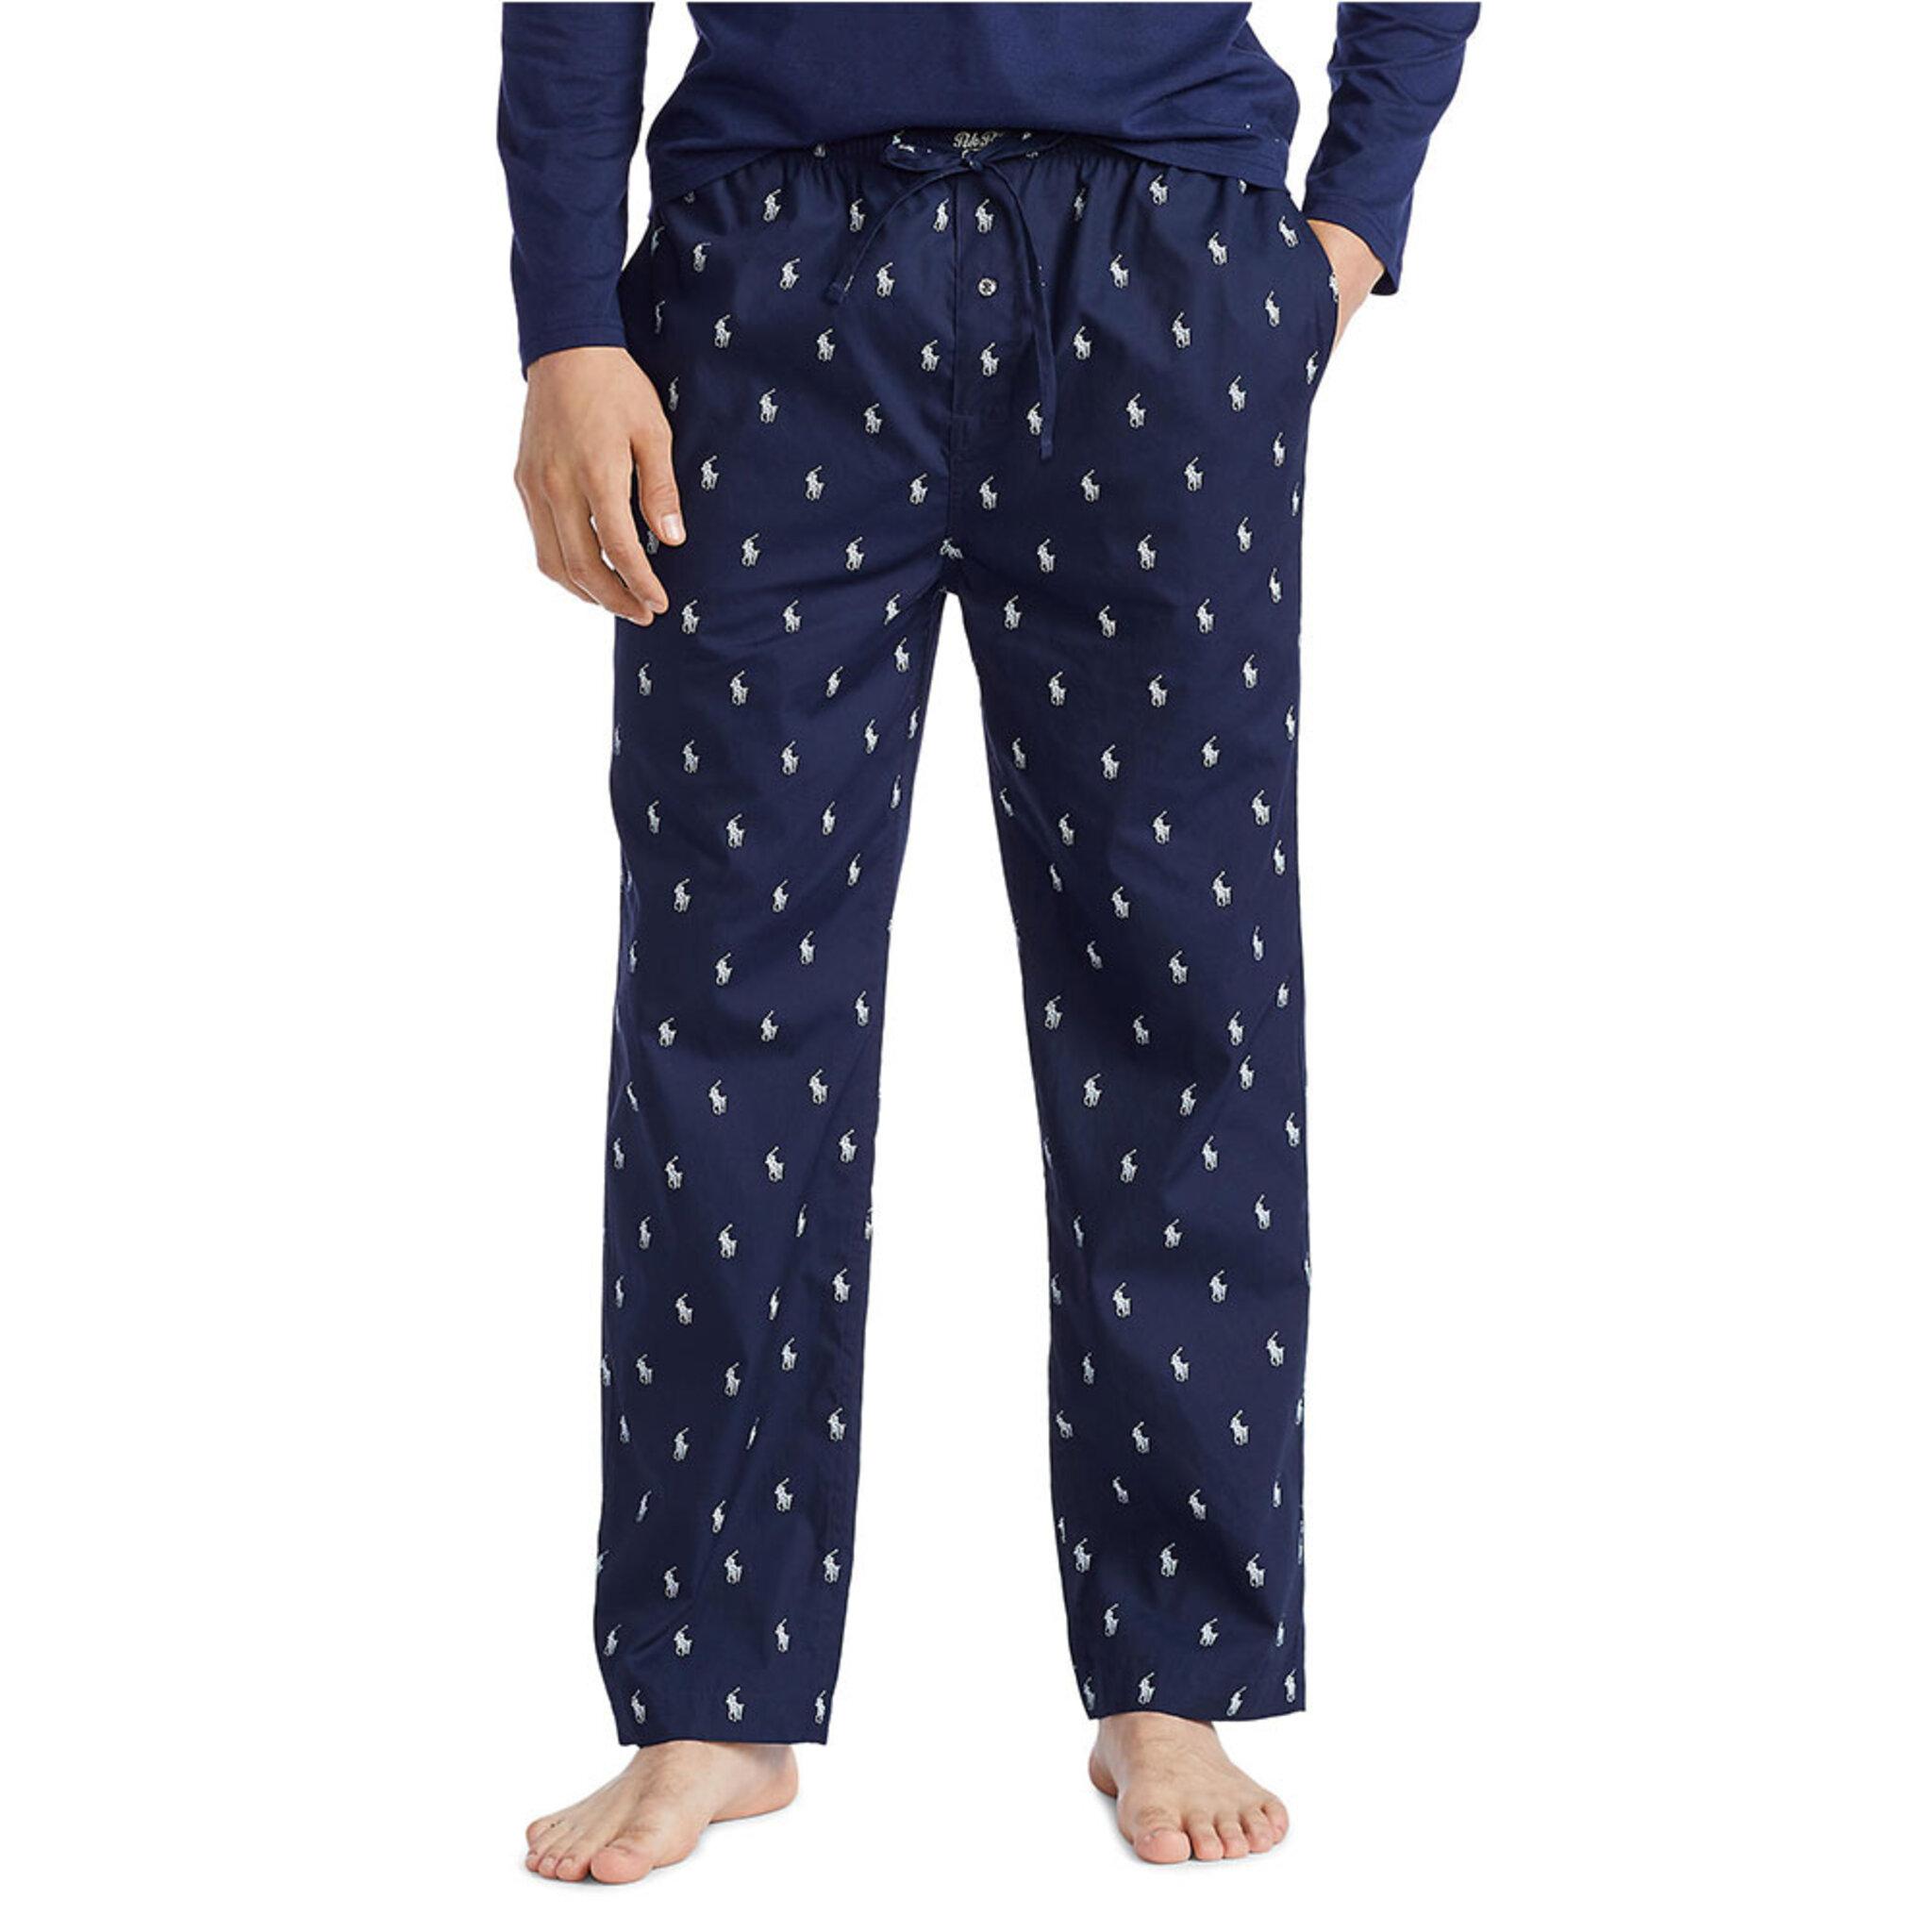 Cotton Twill Pajama Pant